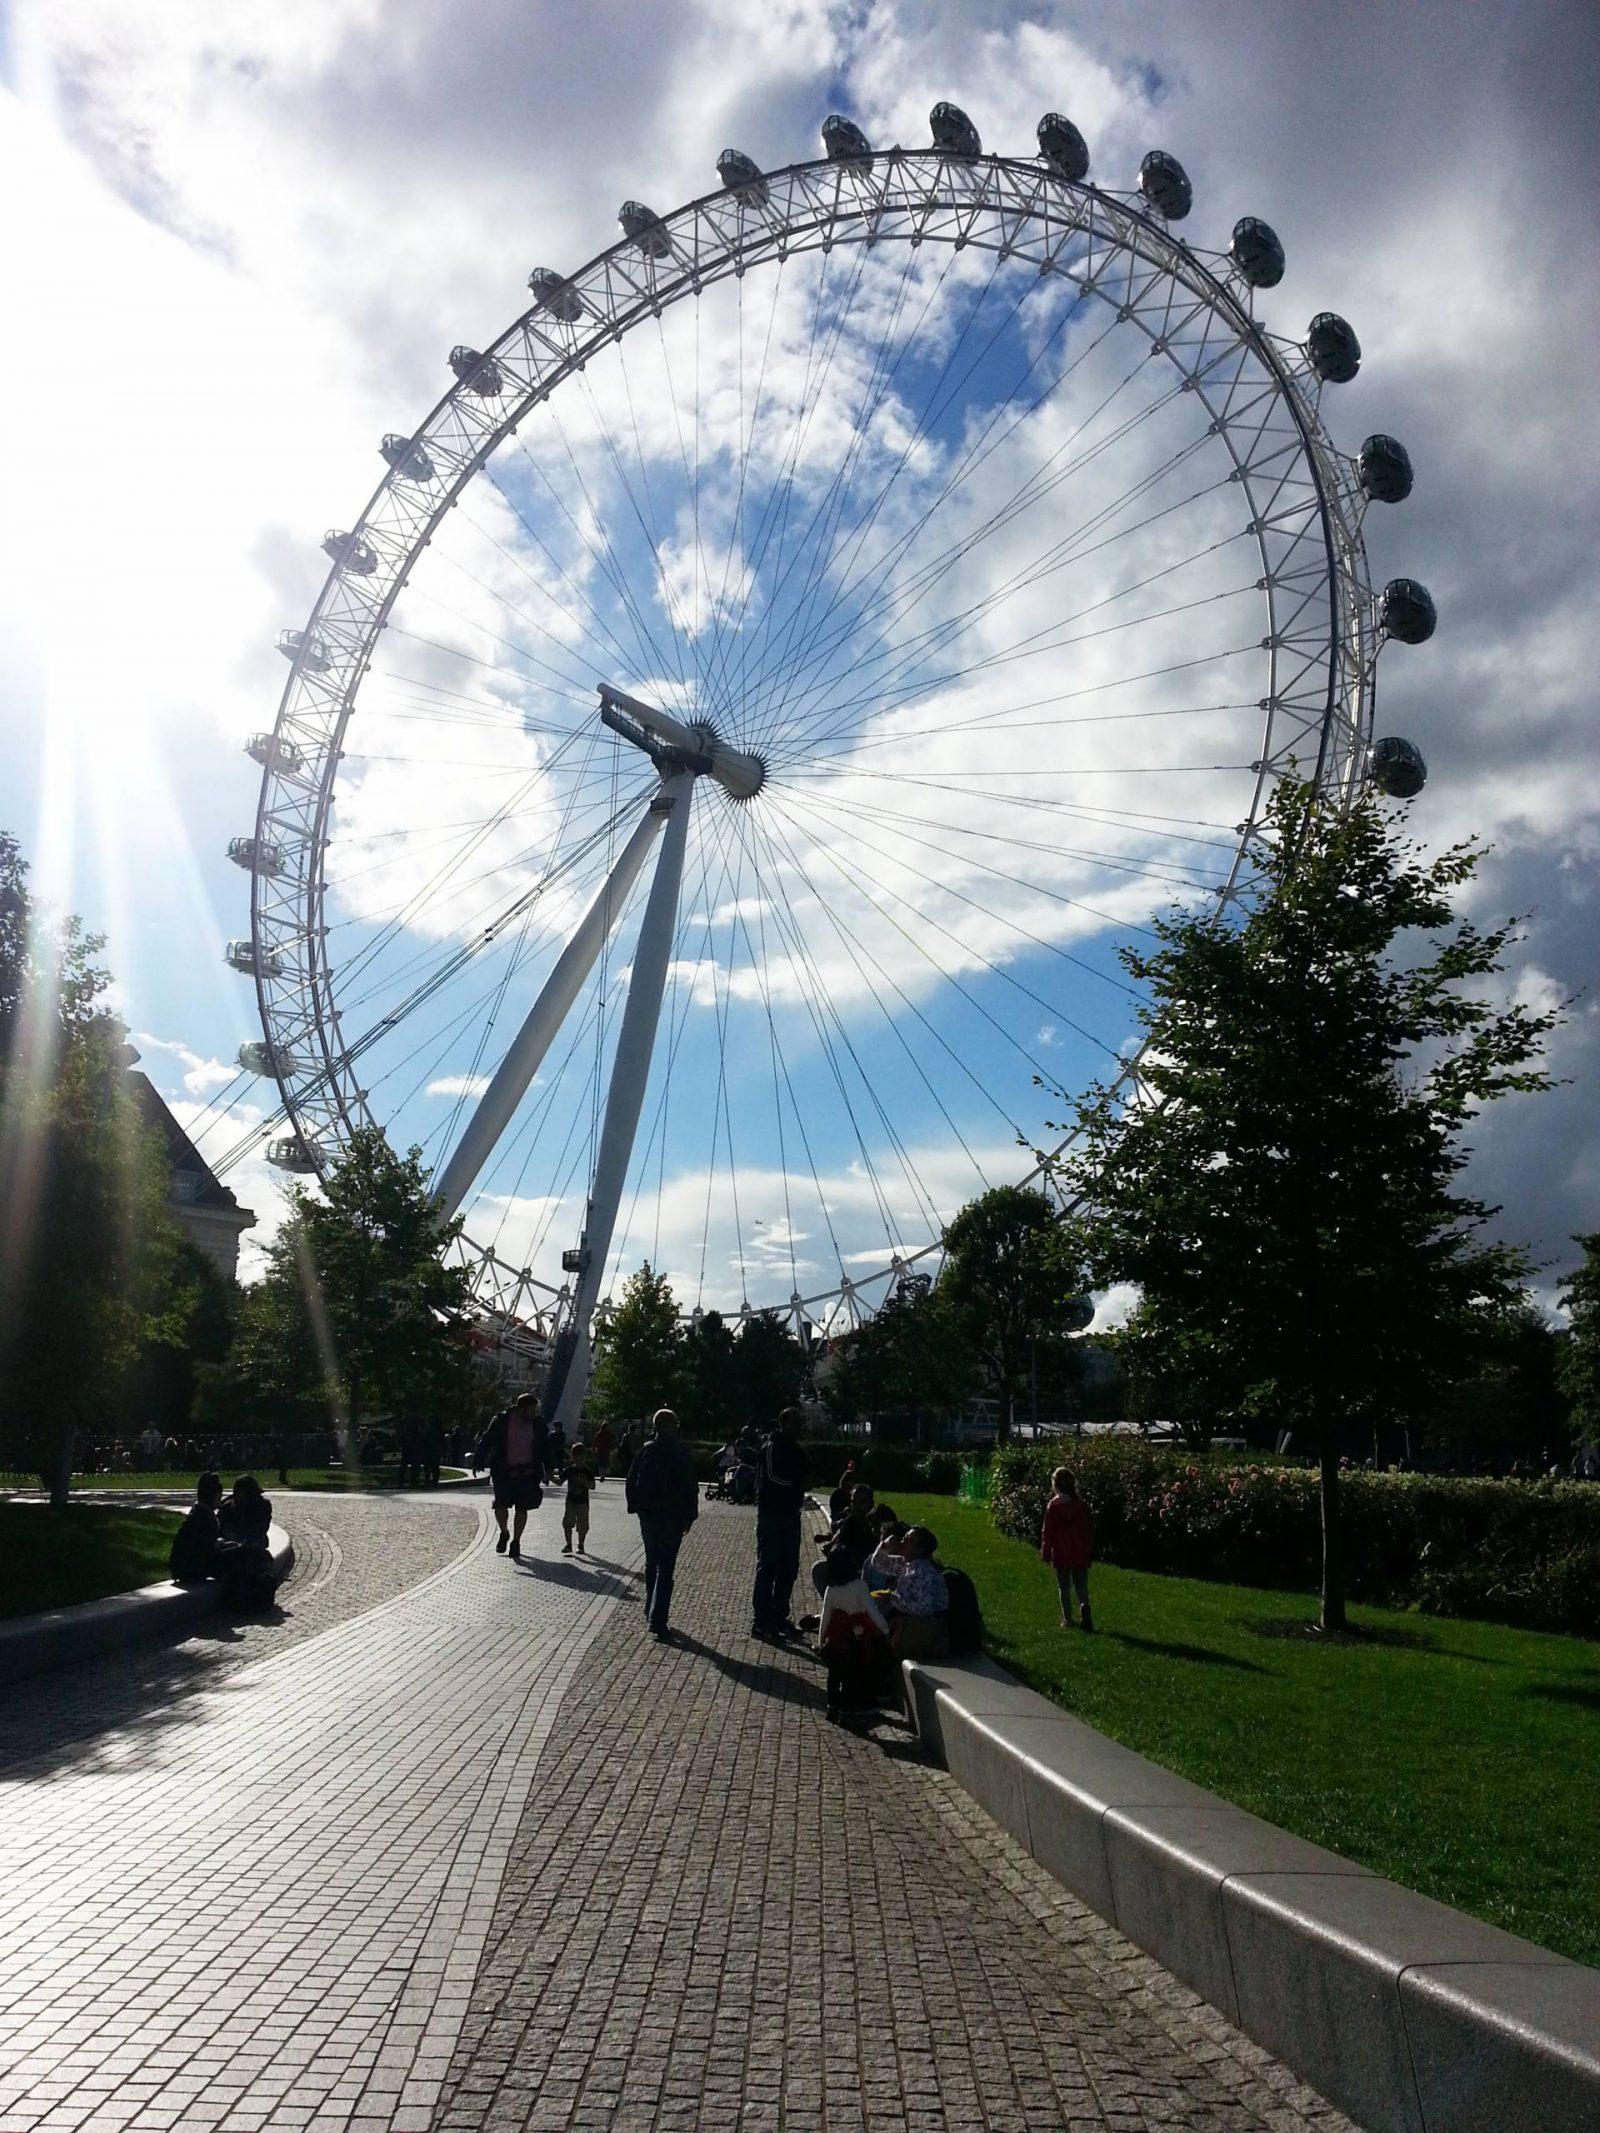 Weekend in London London-eye